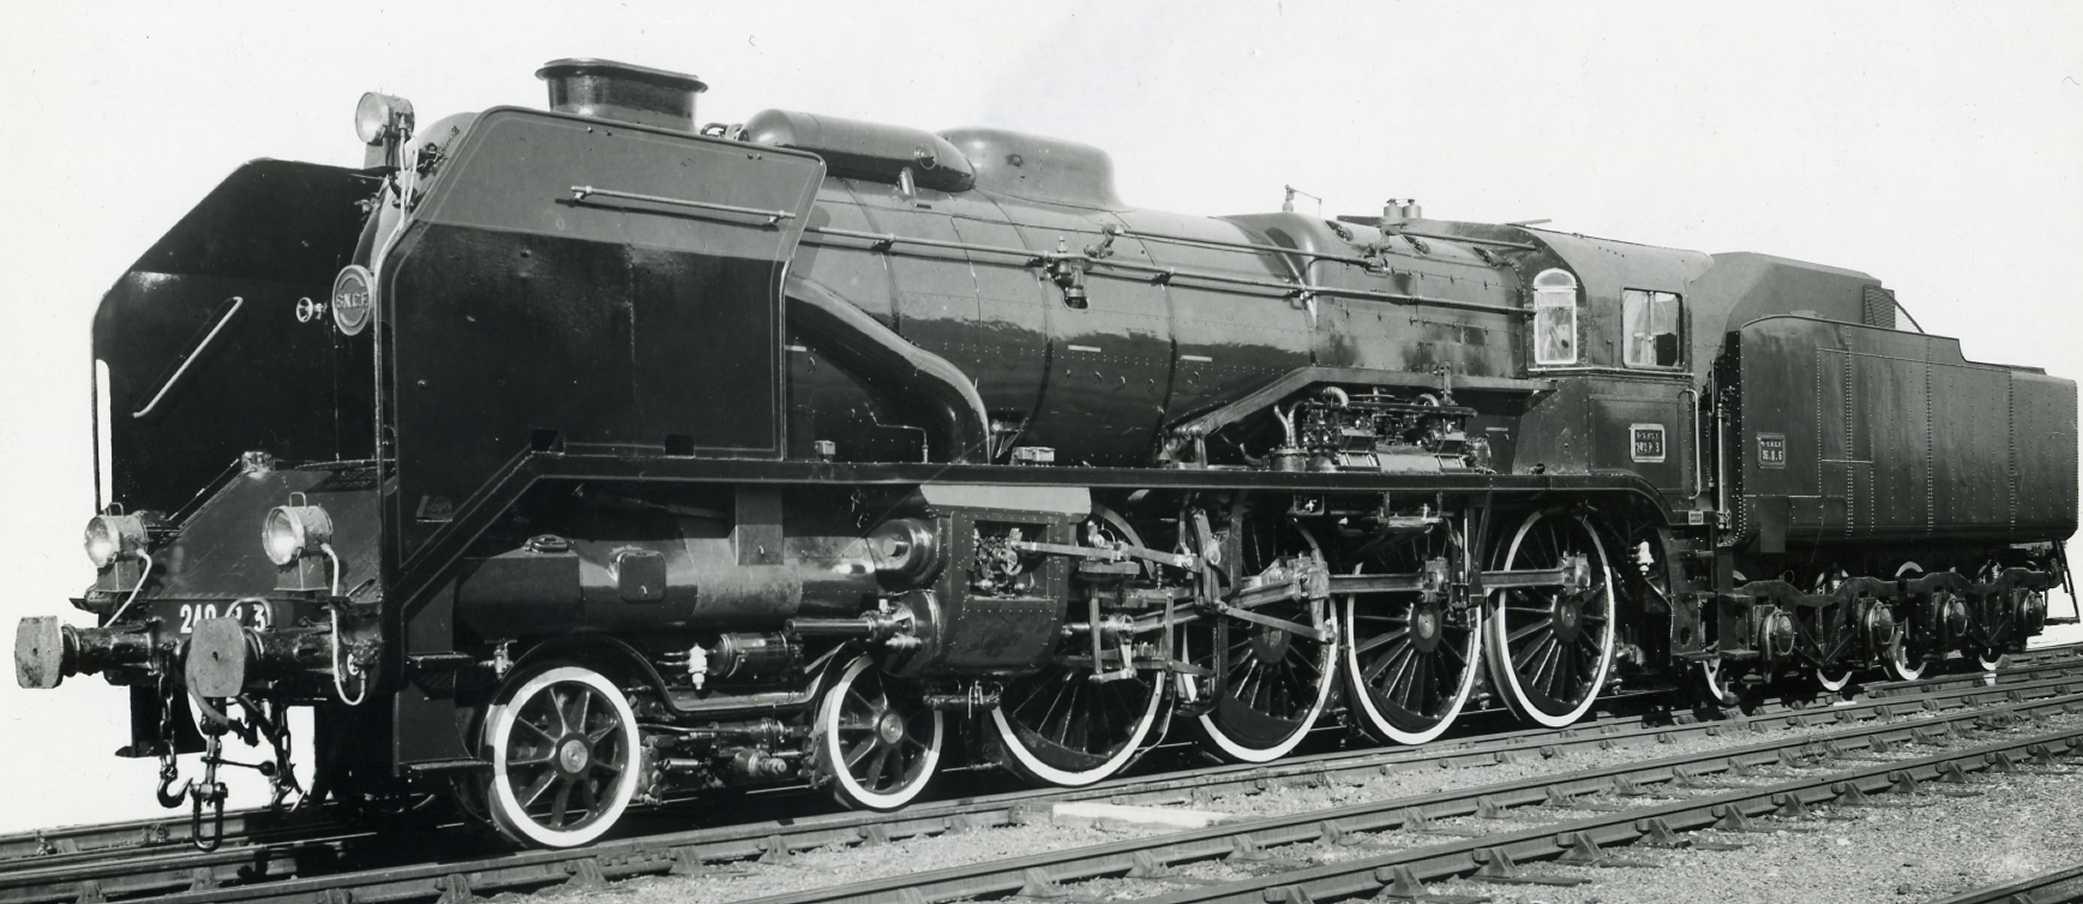 André Chapelon 240P steam locomotive